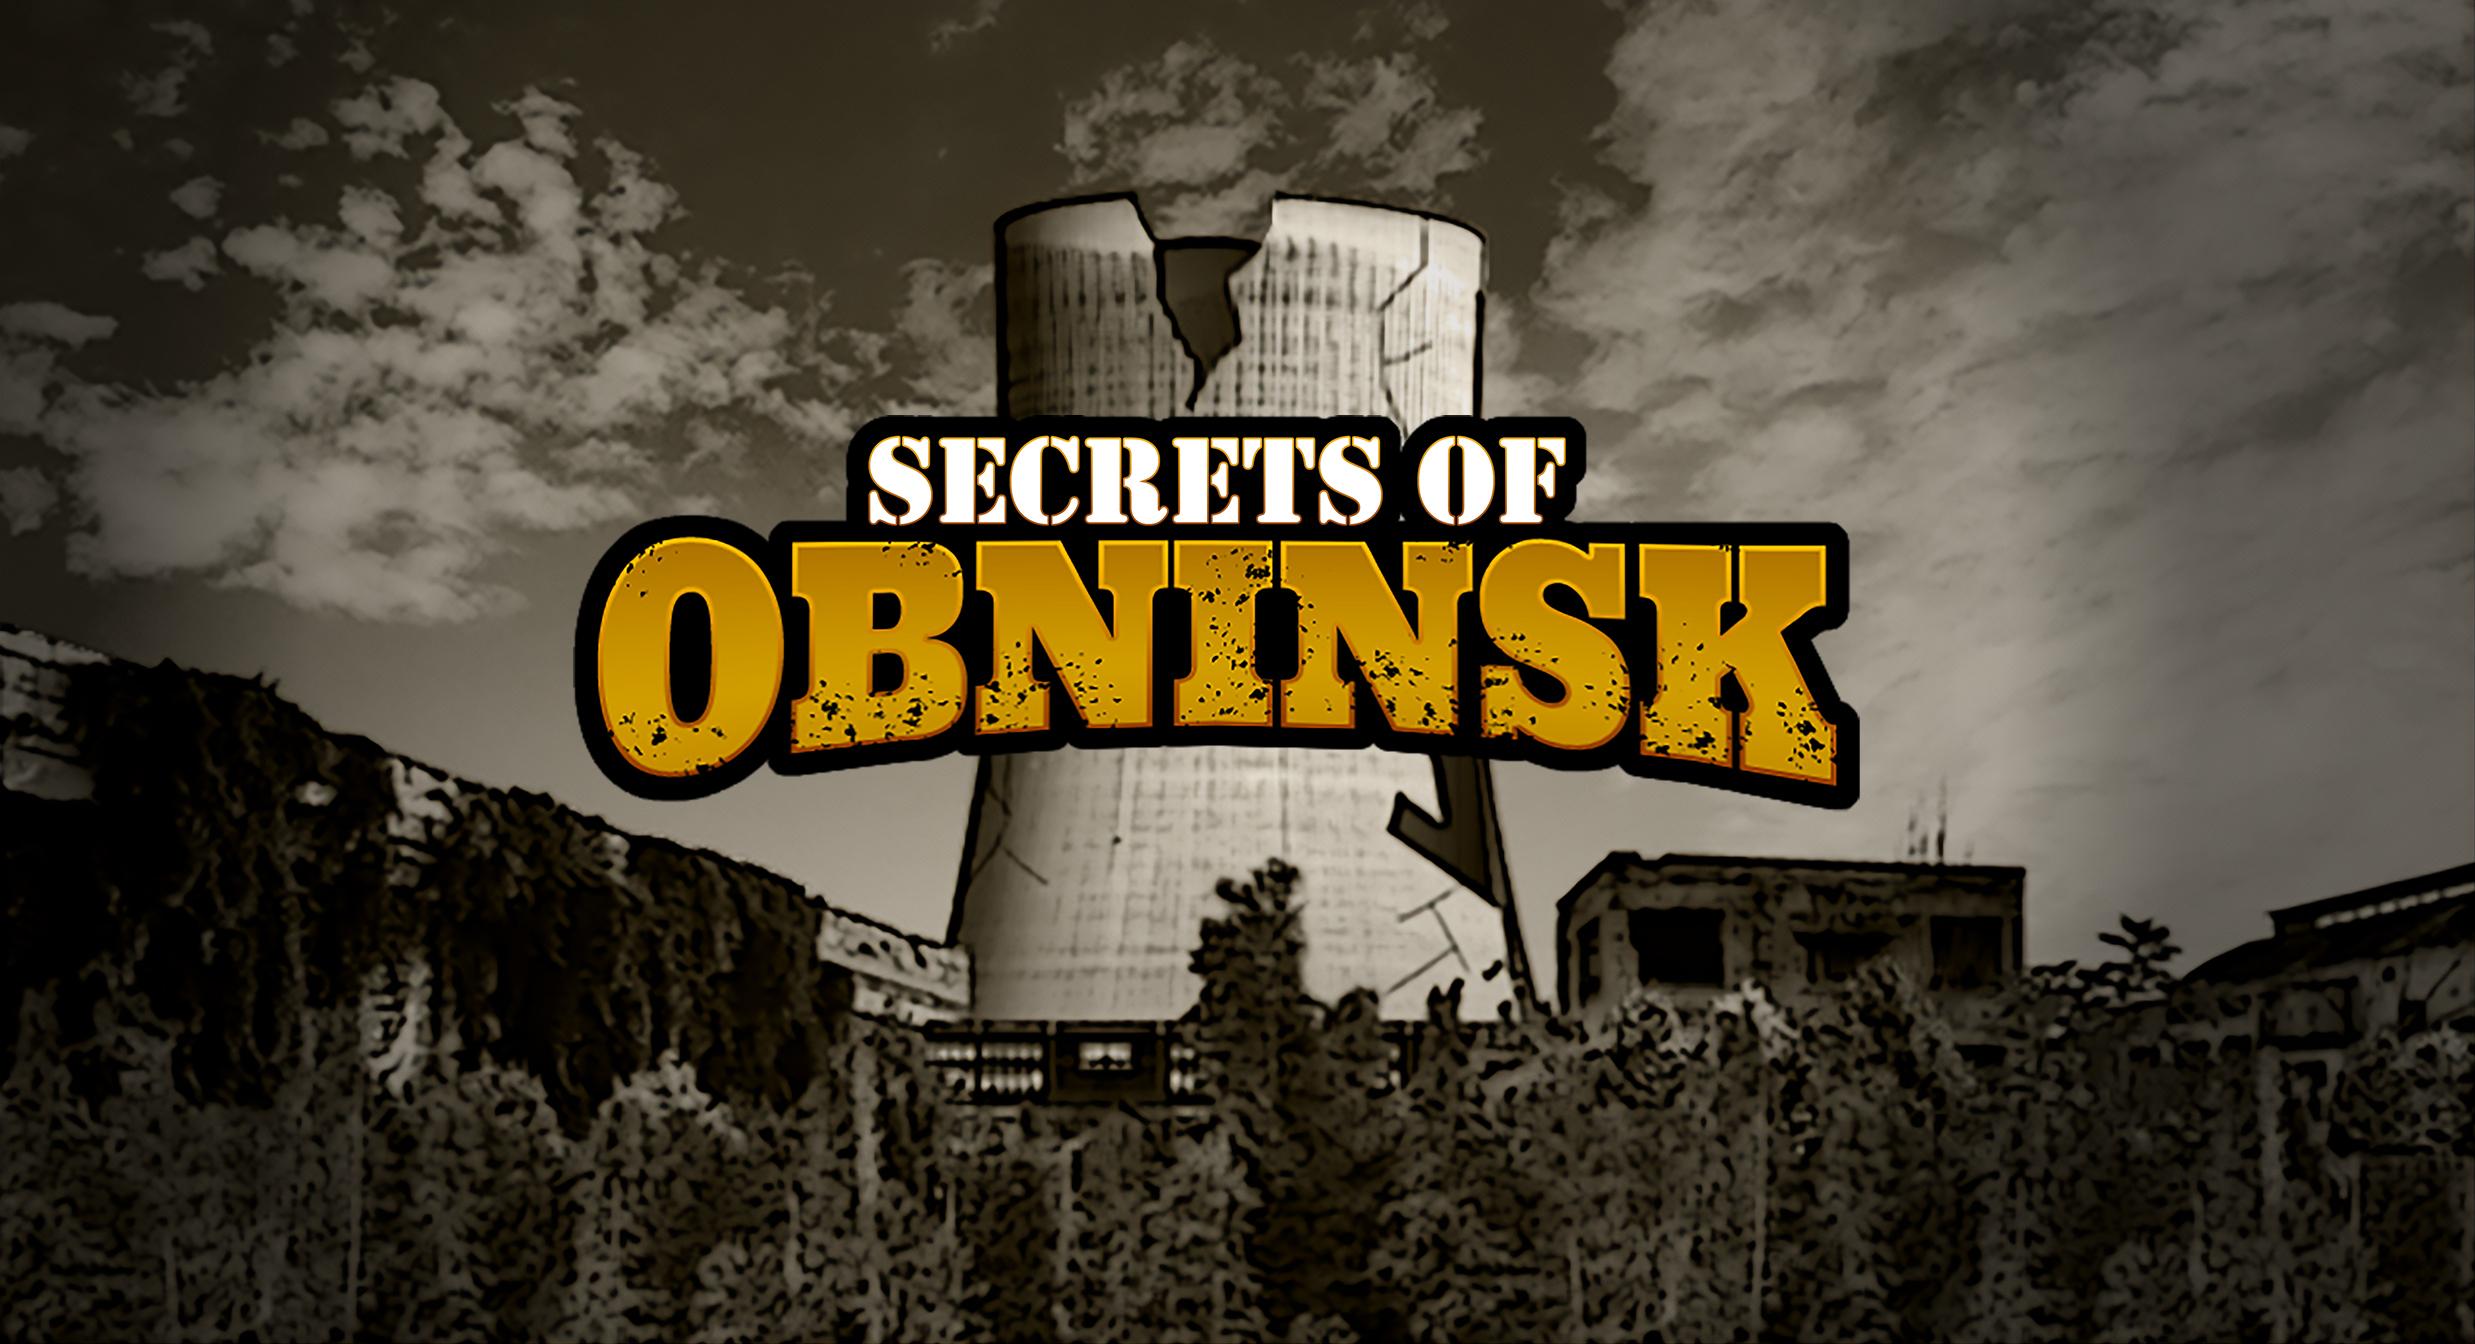 Secrets of Obninsk